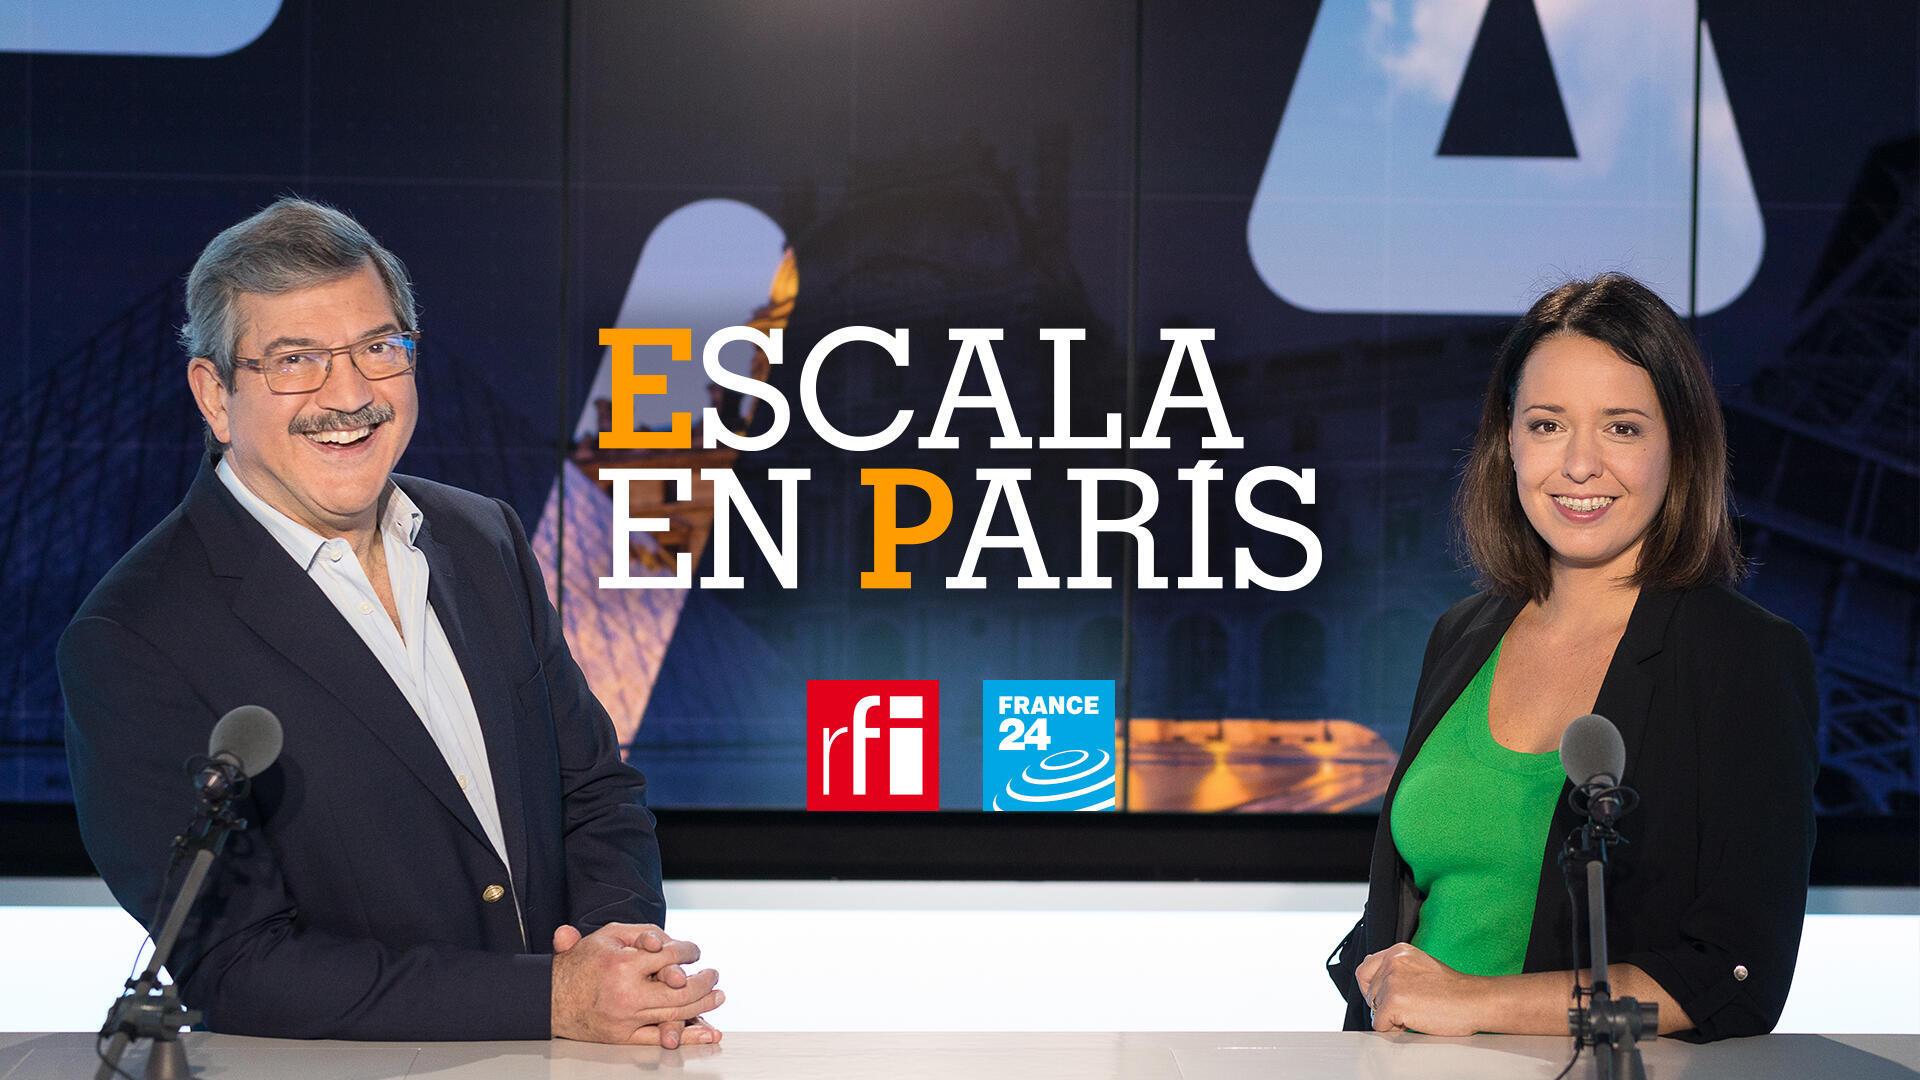 ES-ESCALA-EN-PARIS_1920x1080